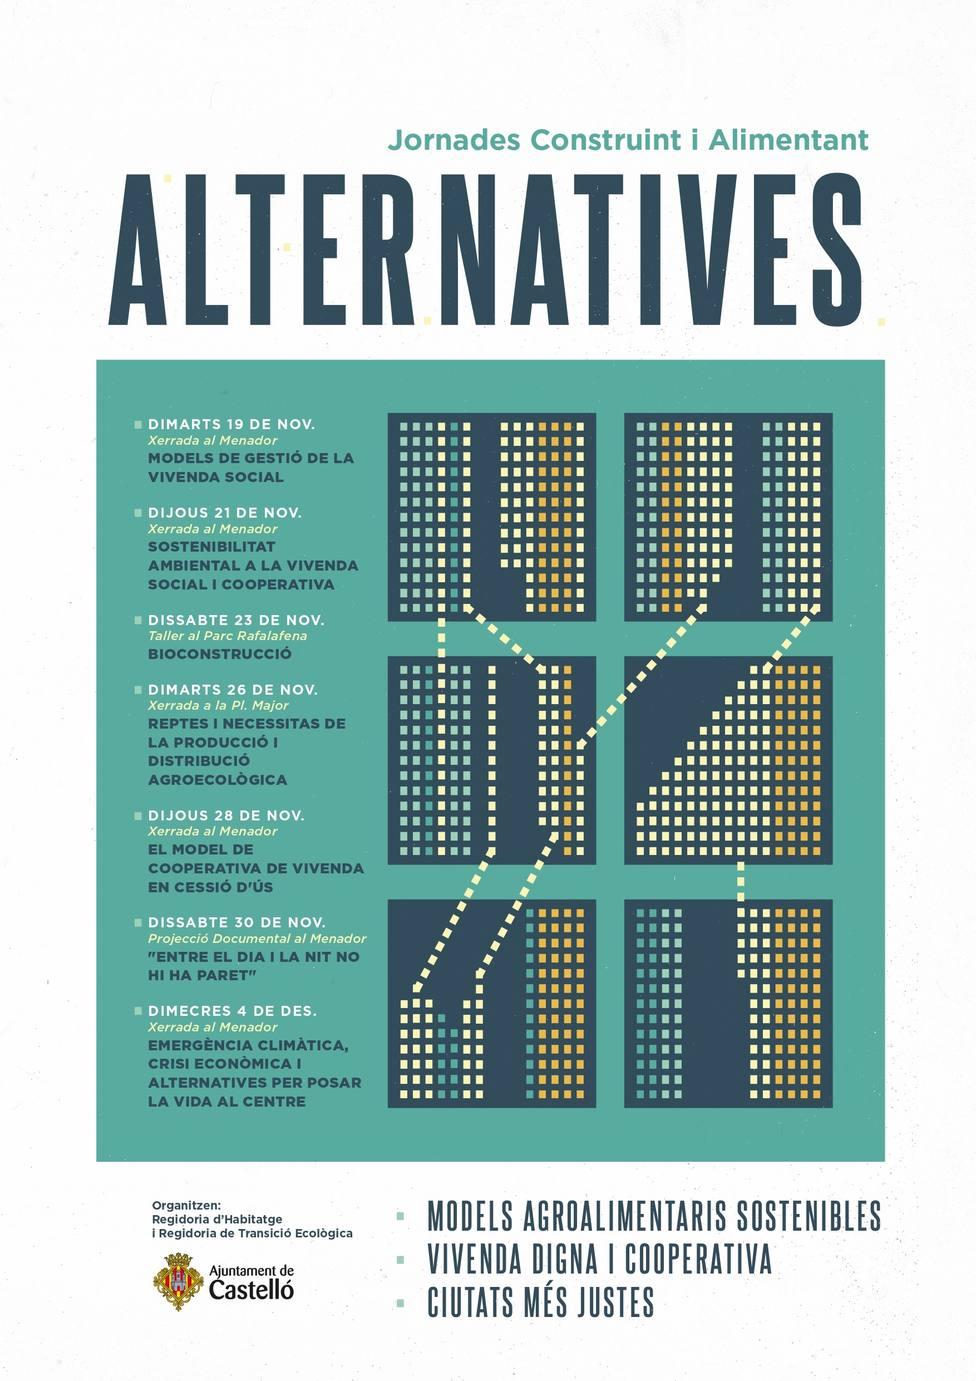 Jornadas alternativas